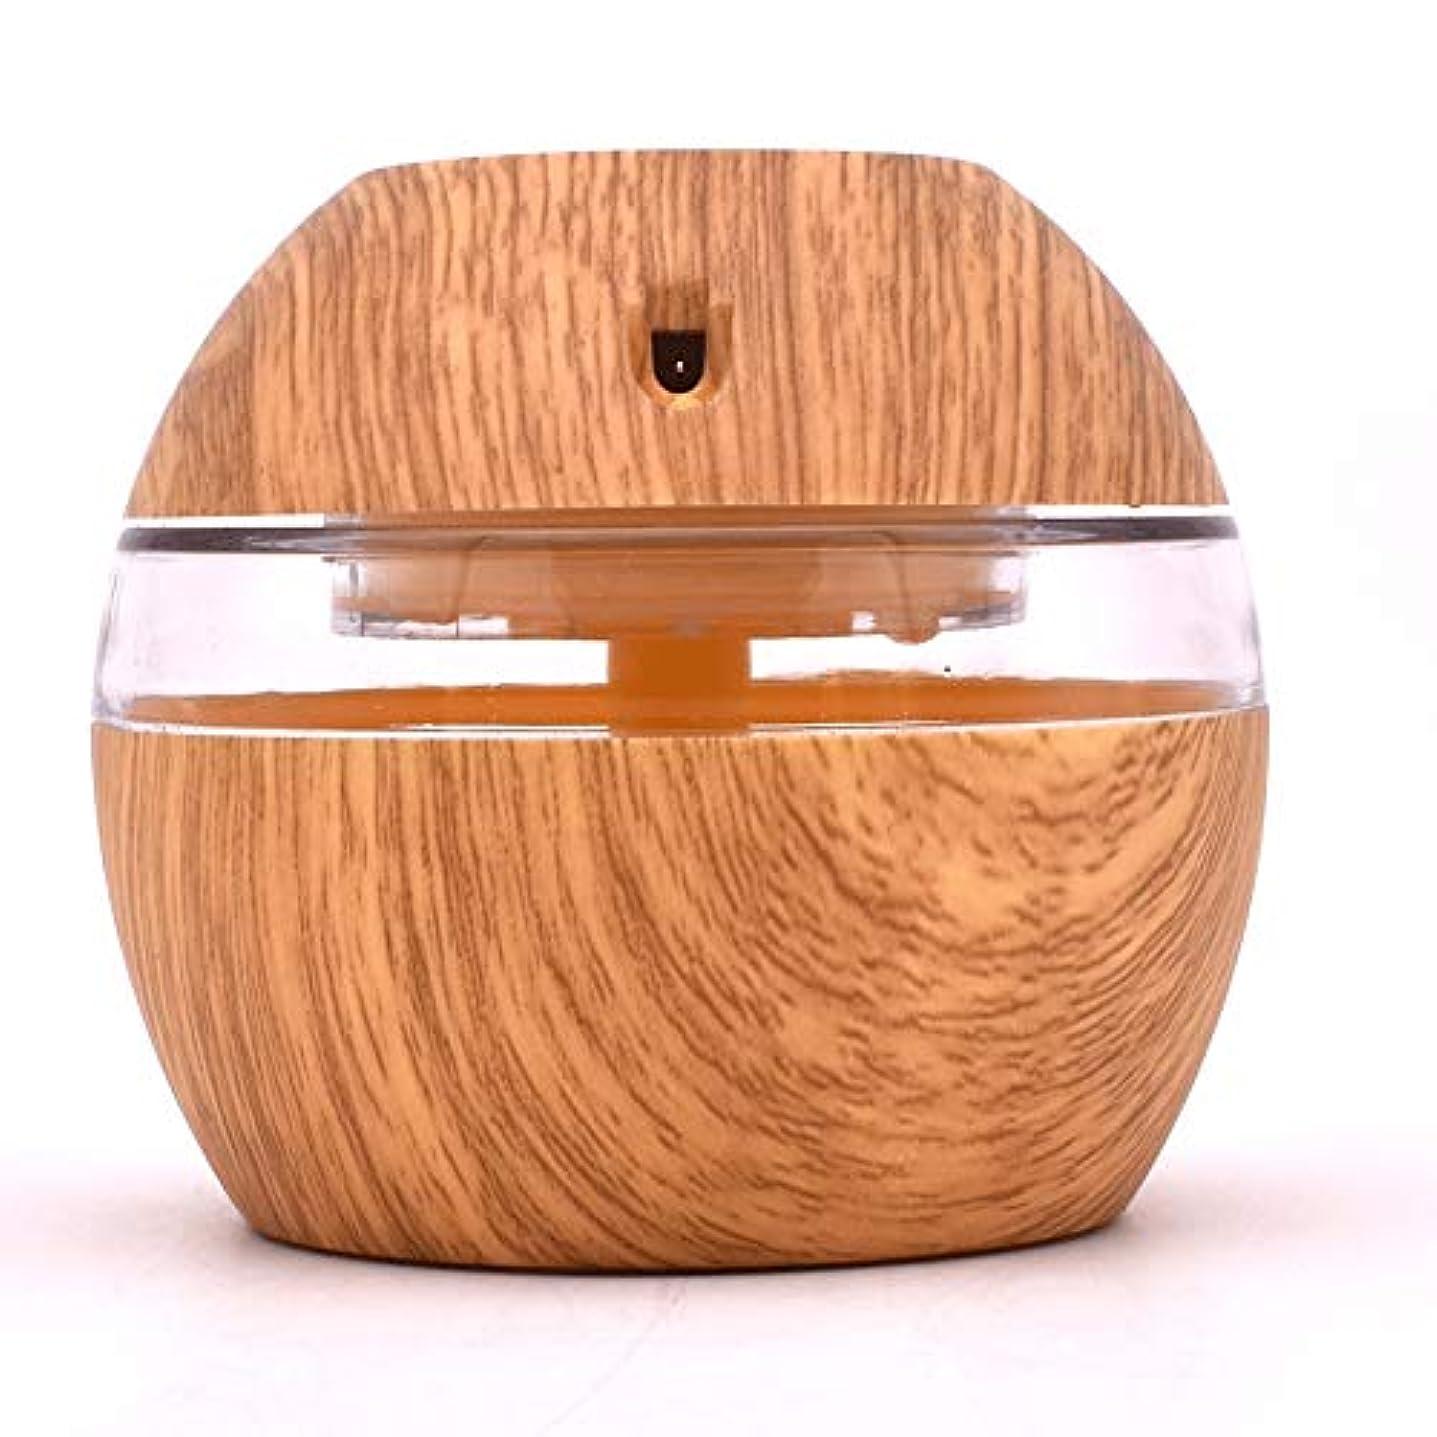 付録クリープ電化する300ML Aroma Diffuser Essential Oil Diffuser With 7 Color LED Lights Waterless Auto Off